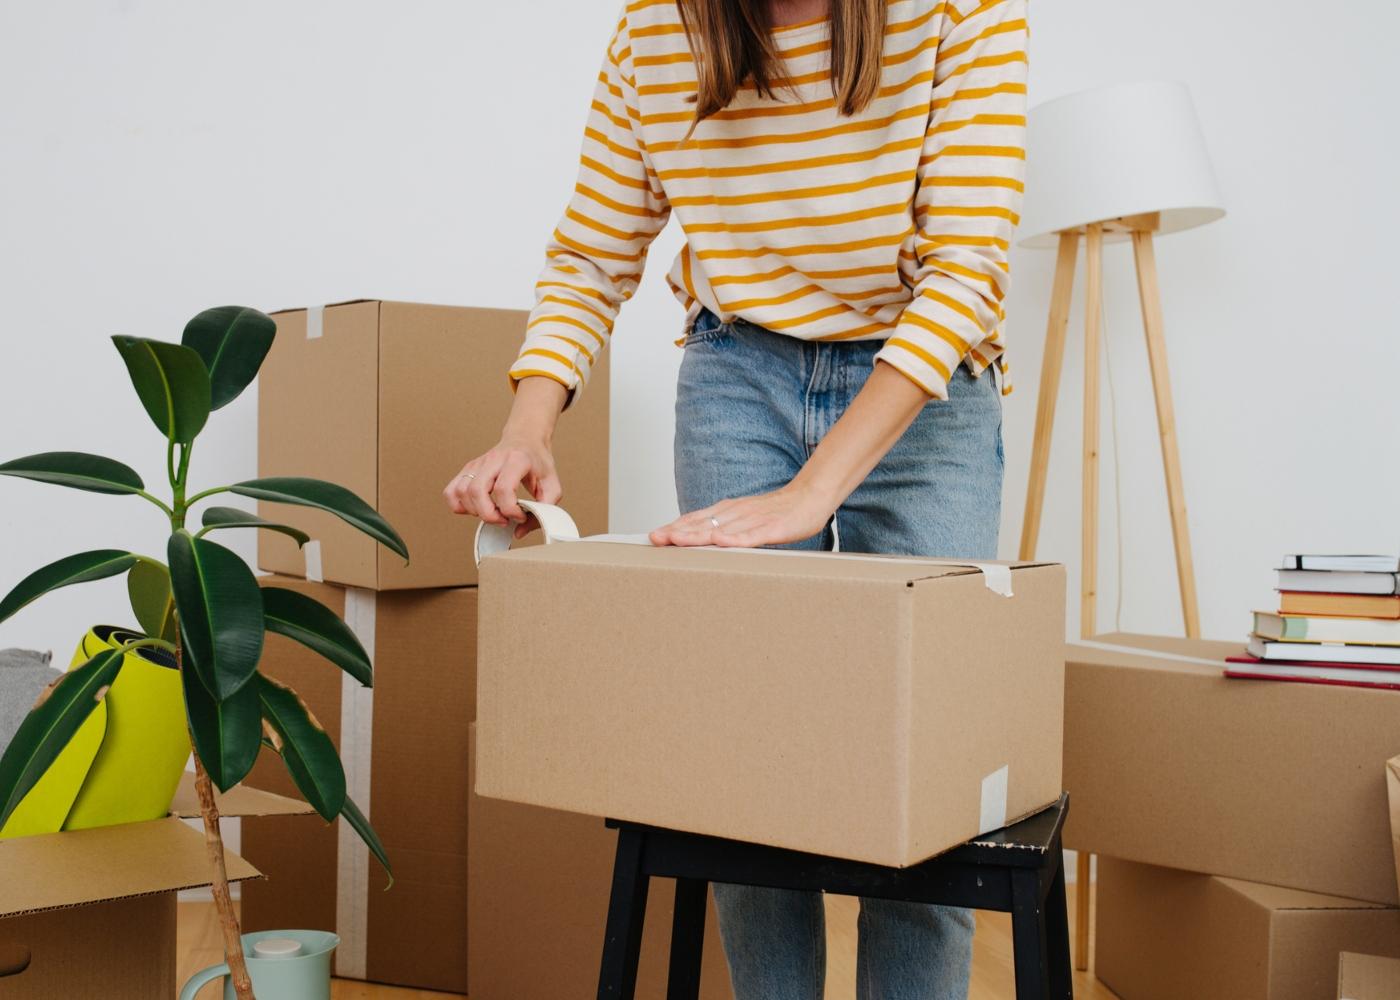 Mulher a encaixotar objetos pessoais durante mudança de casa